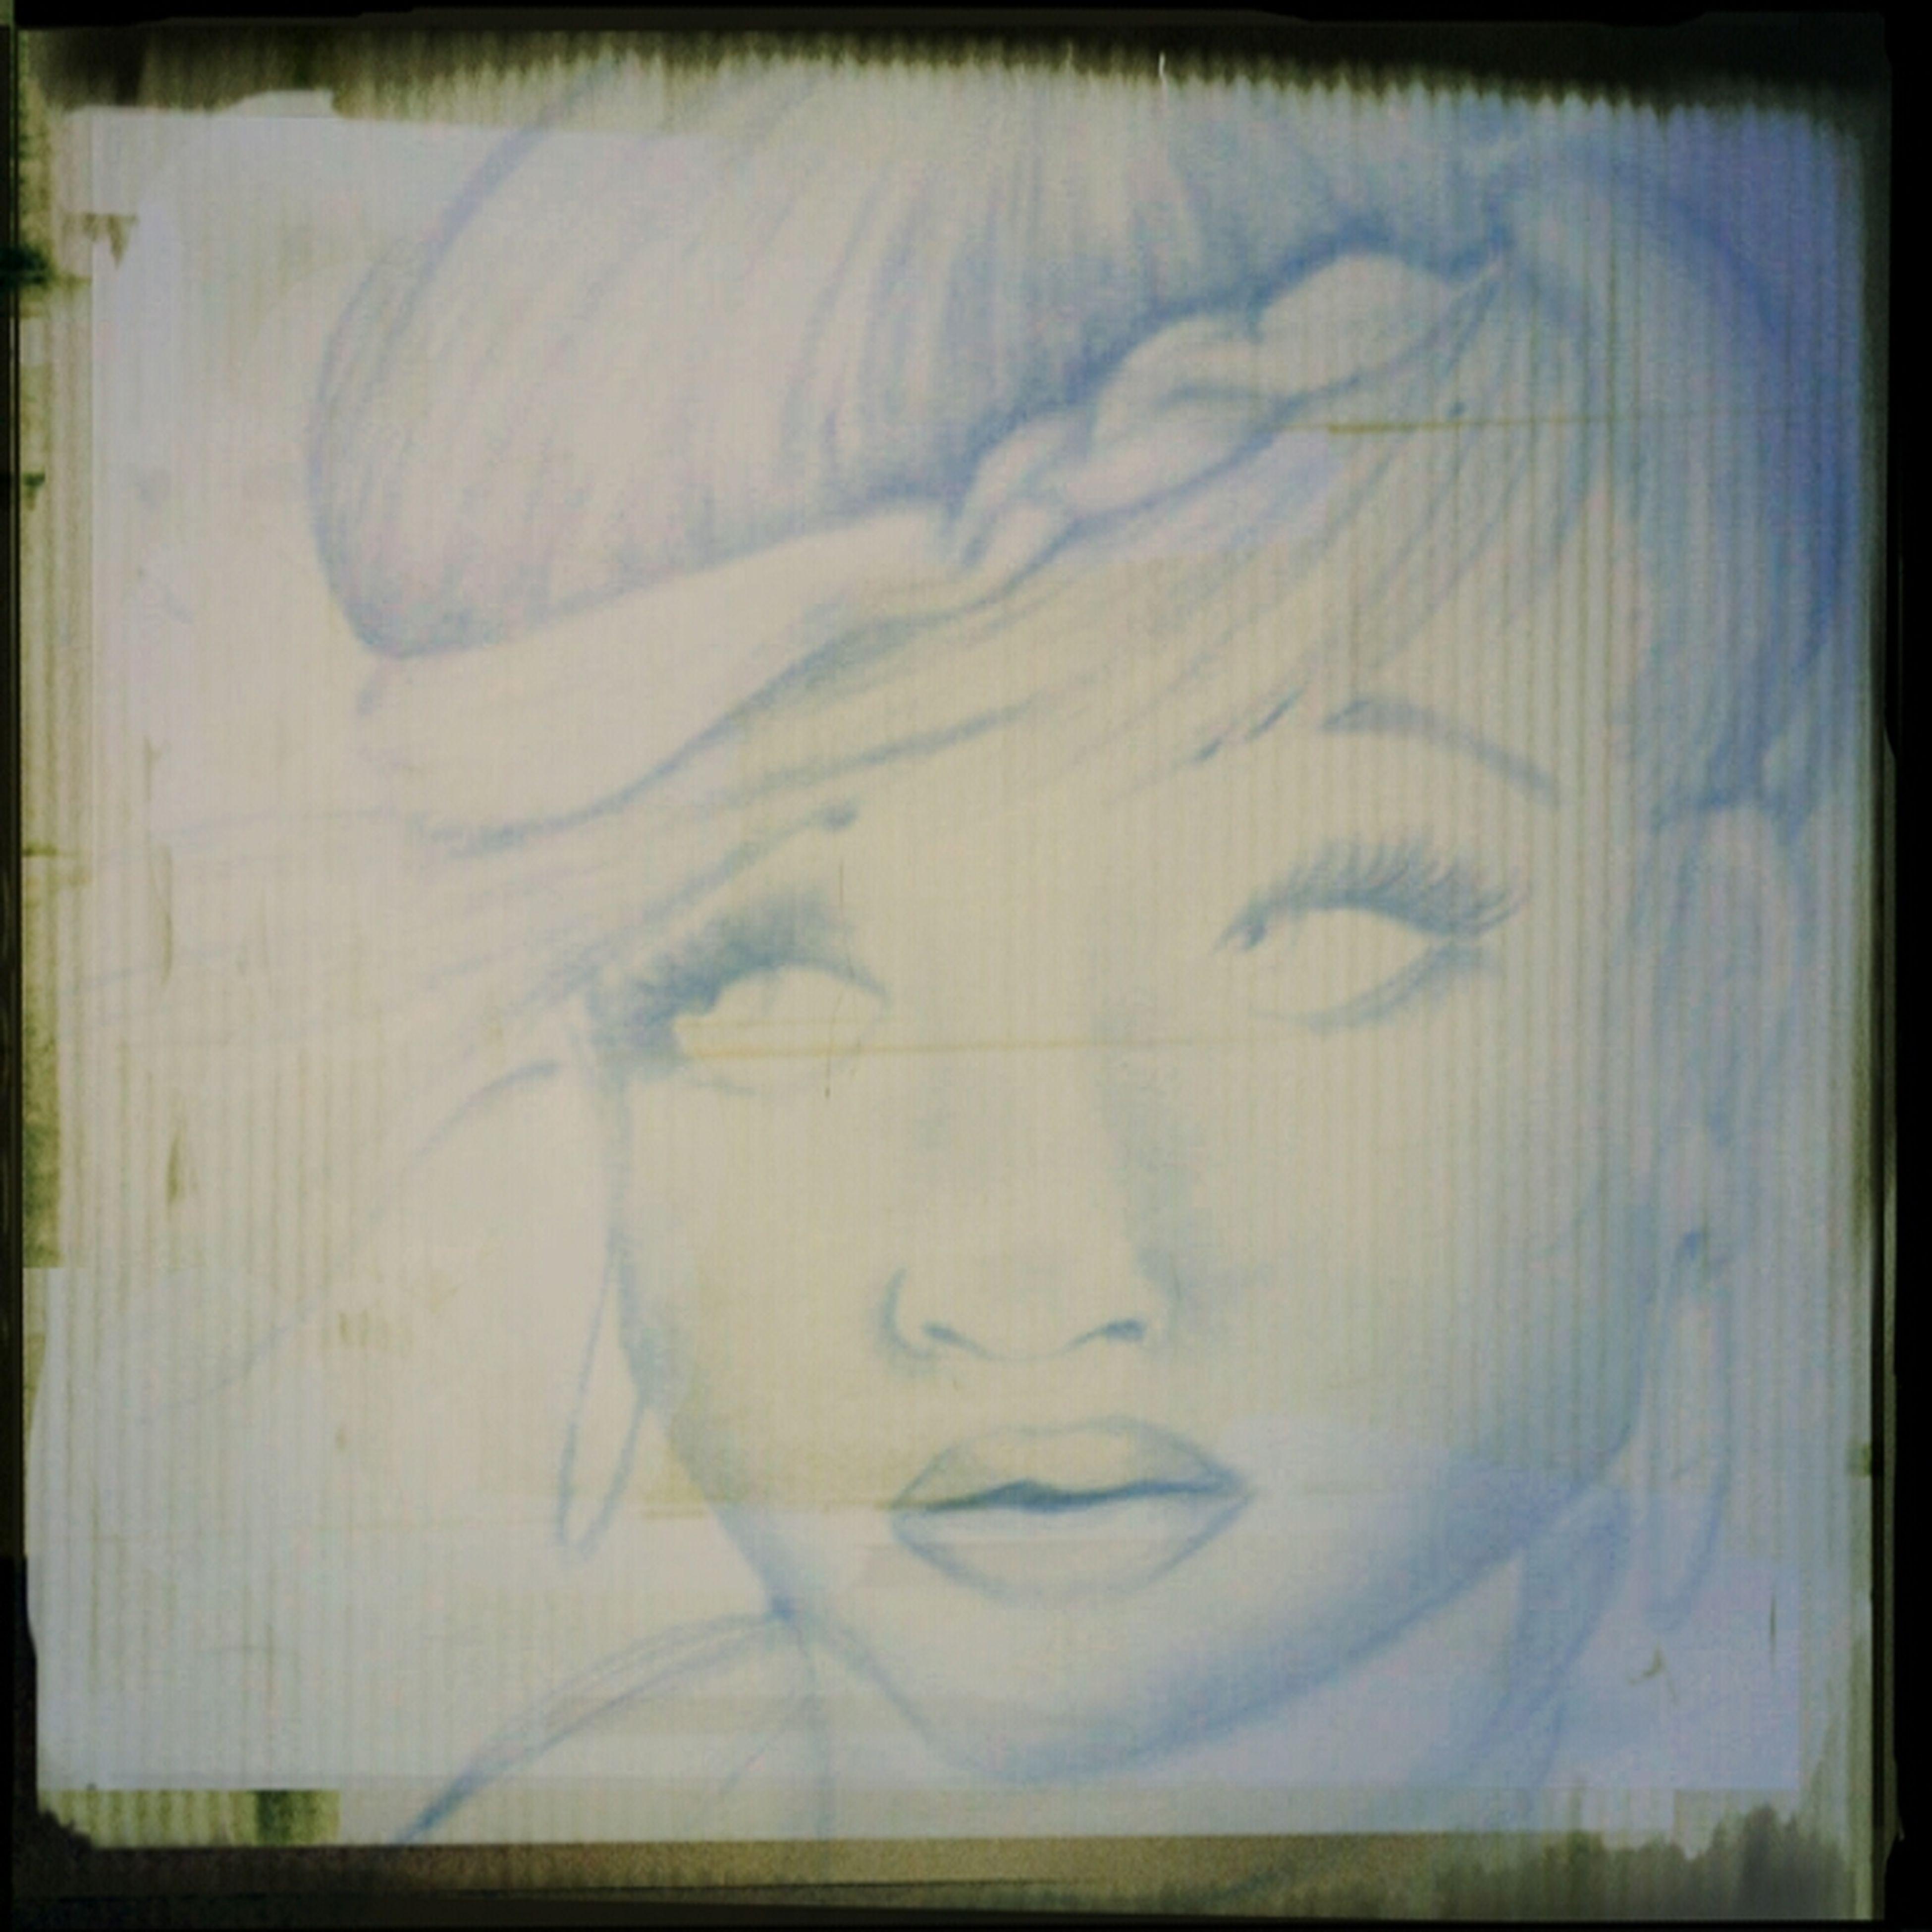 Drawing By Samm